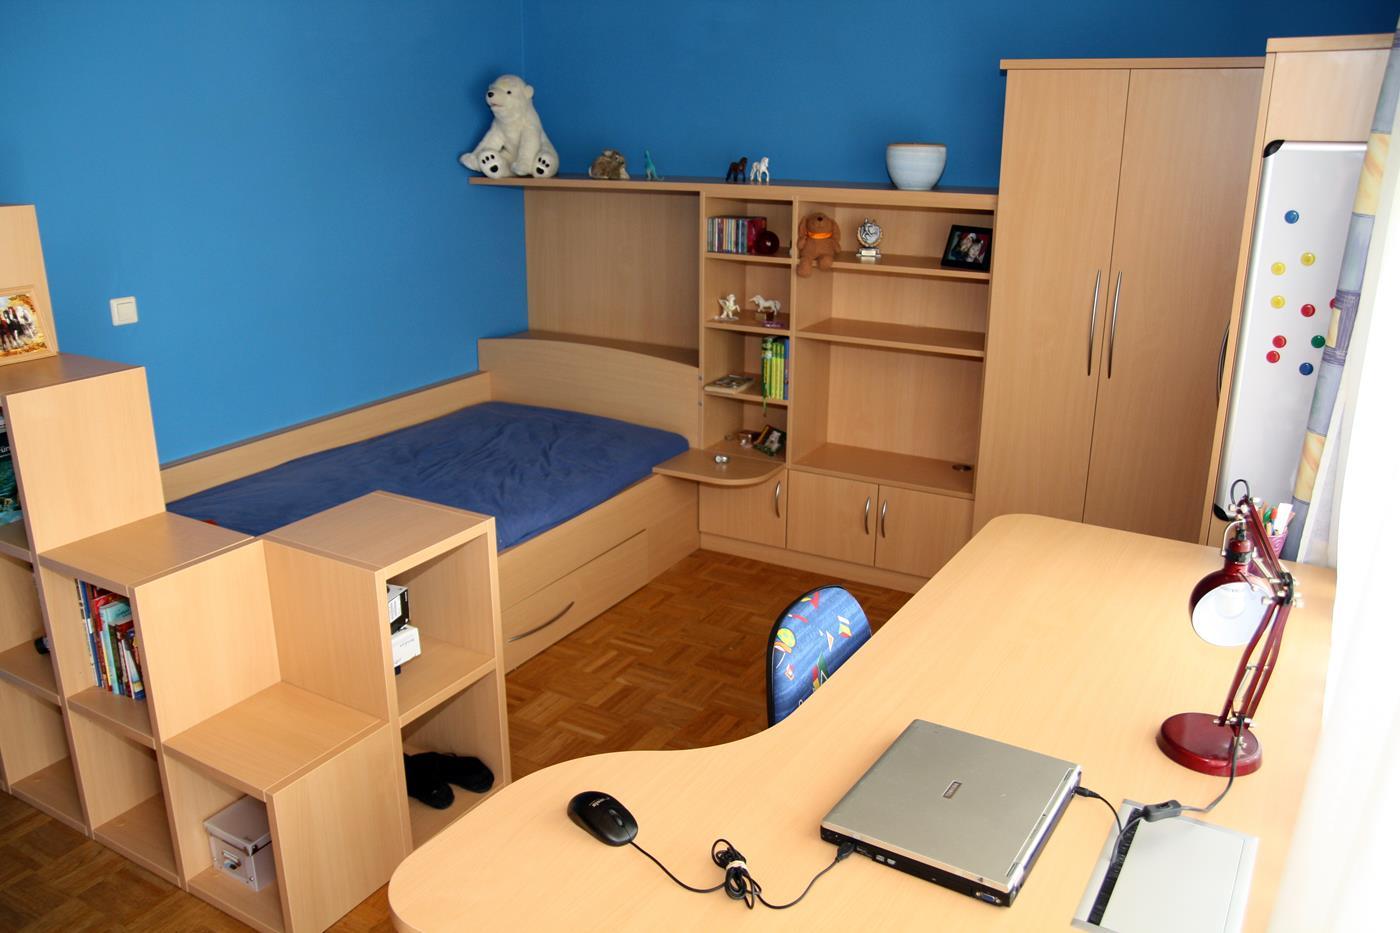 komplett eingerichtetes Kinderzimmer